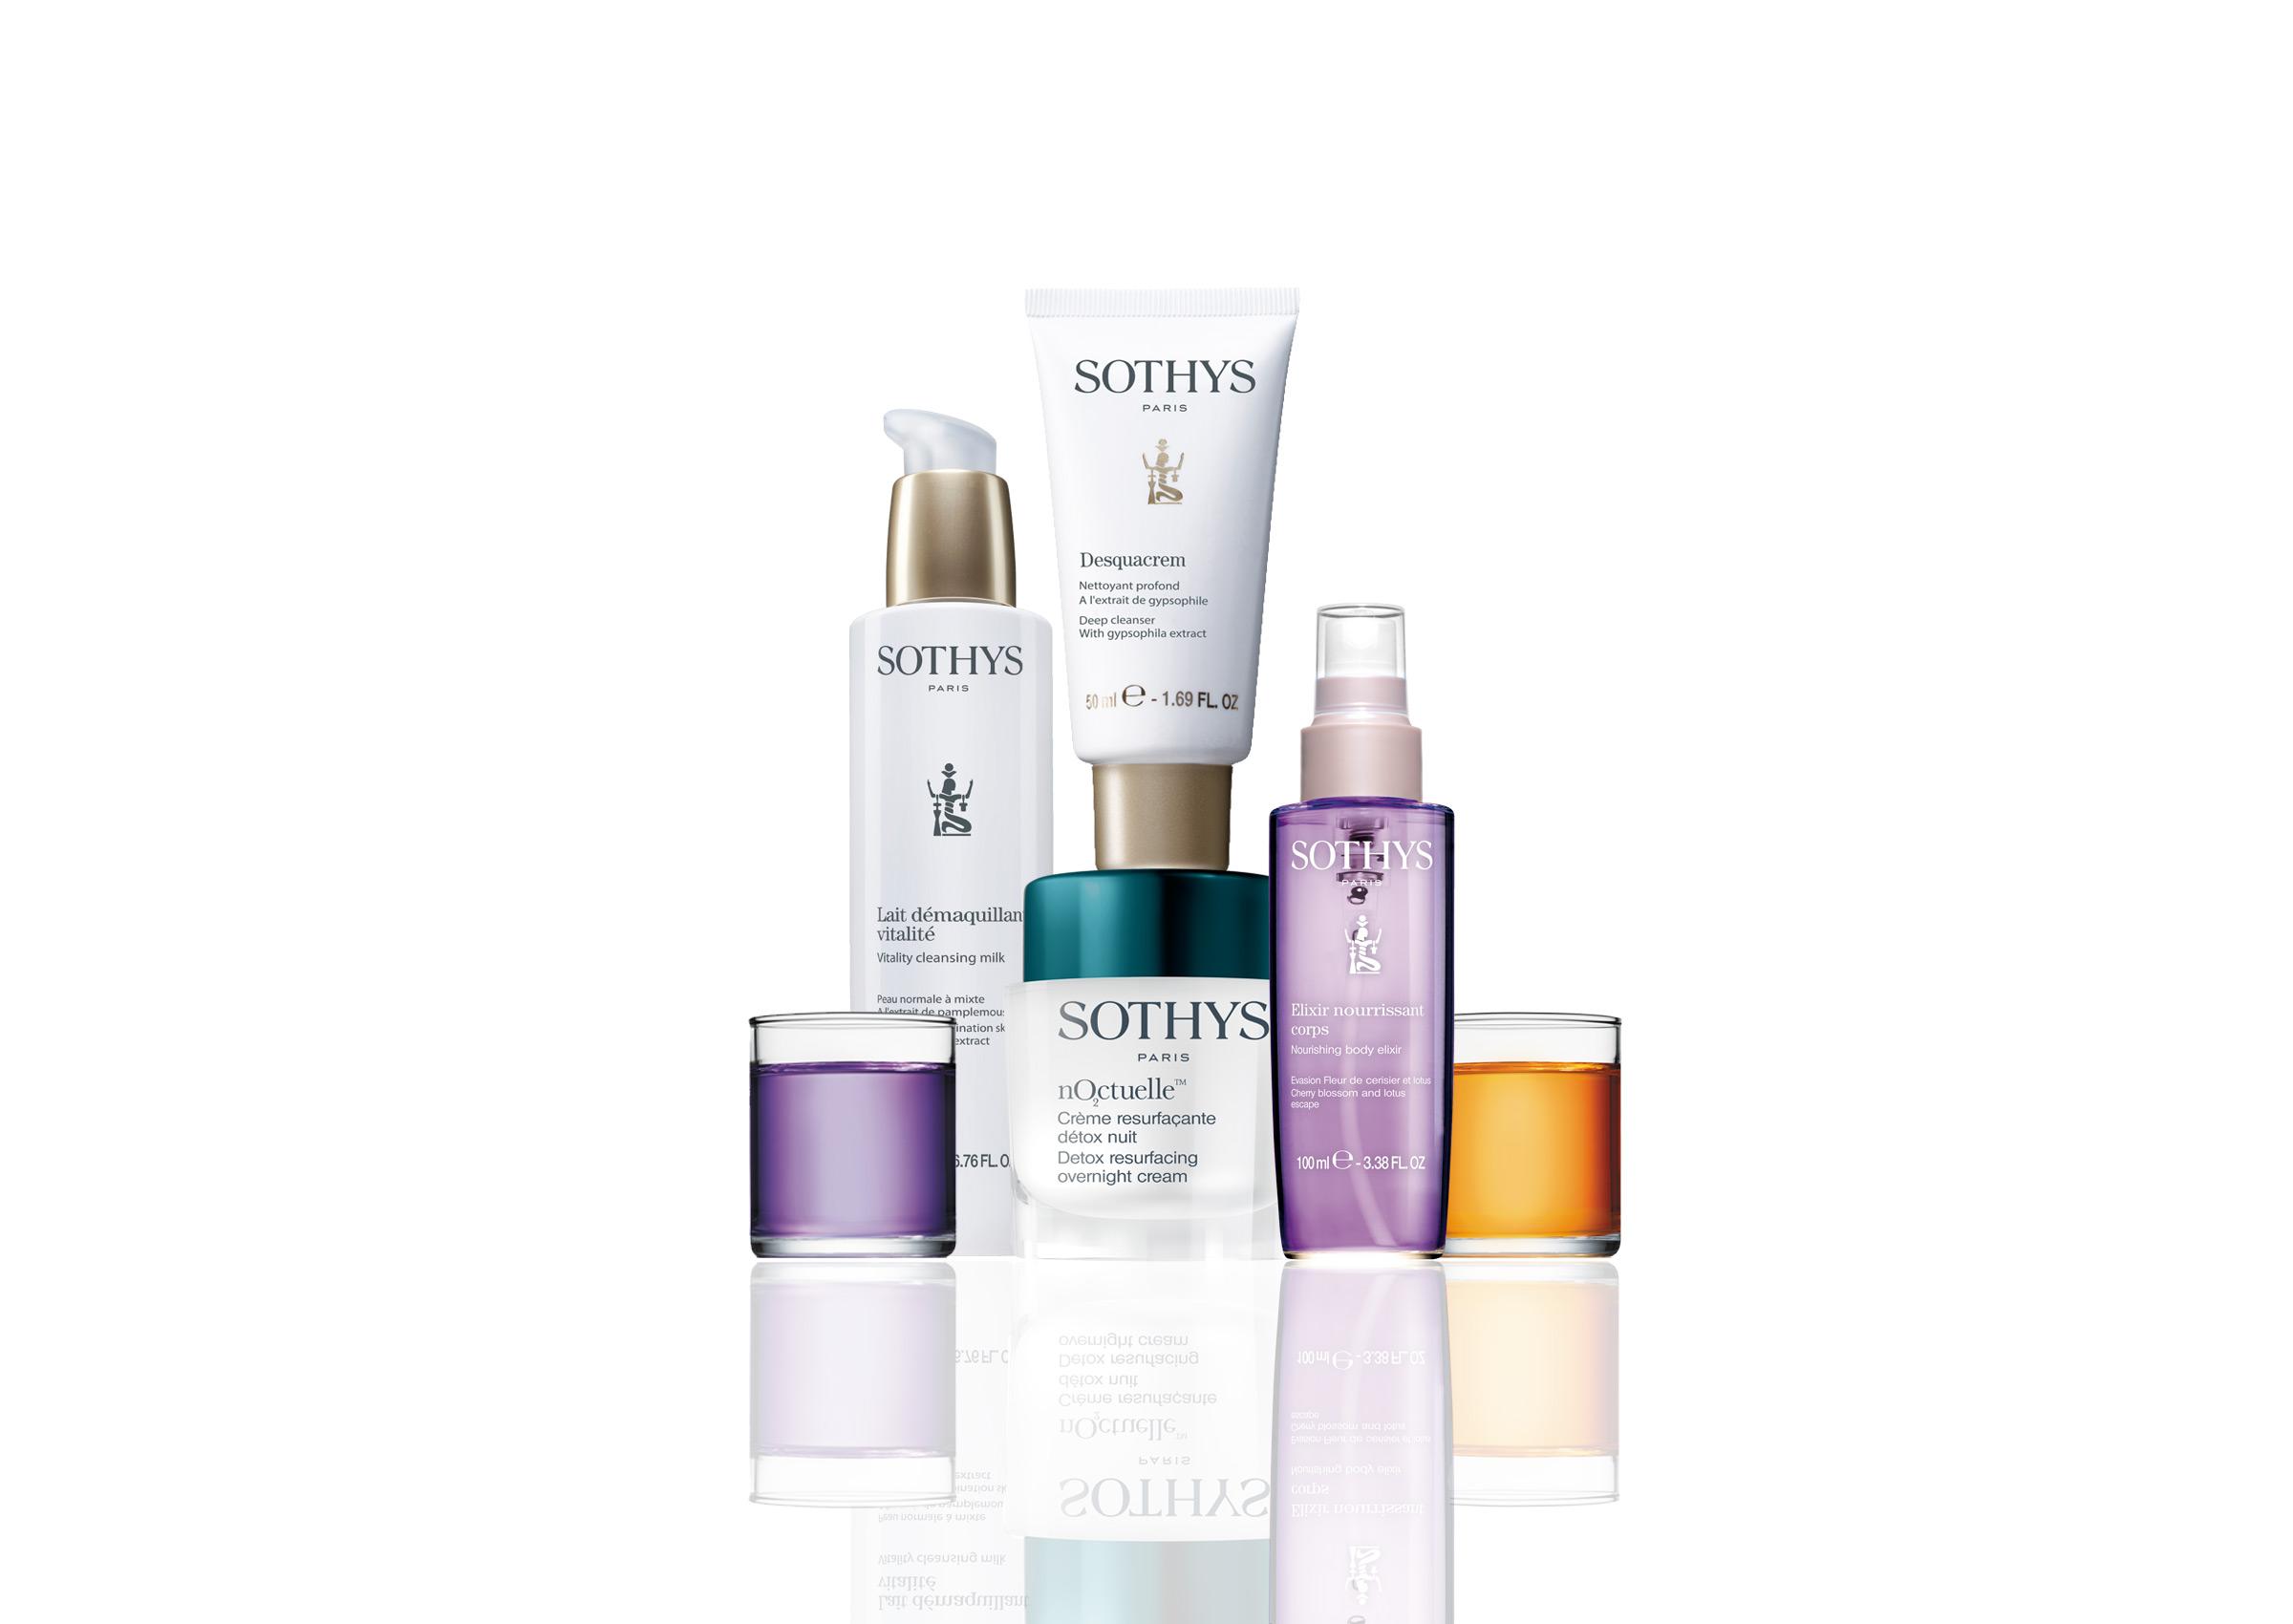 Trouver Un Salon Spa Sothys